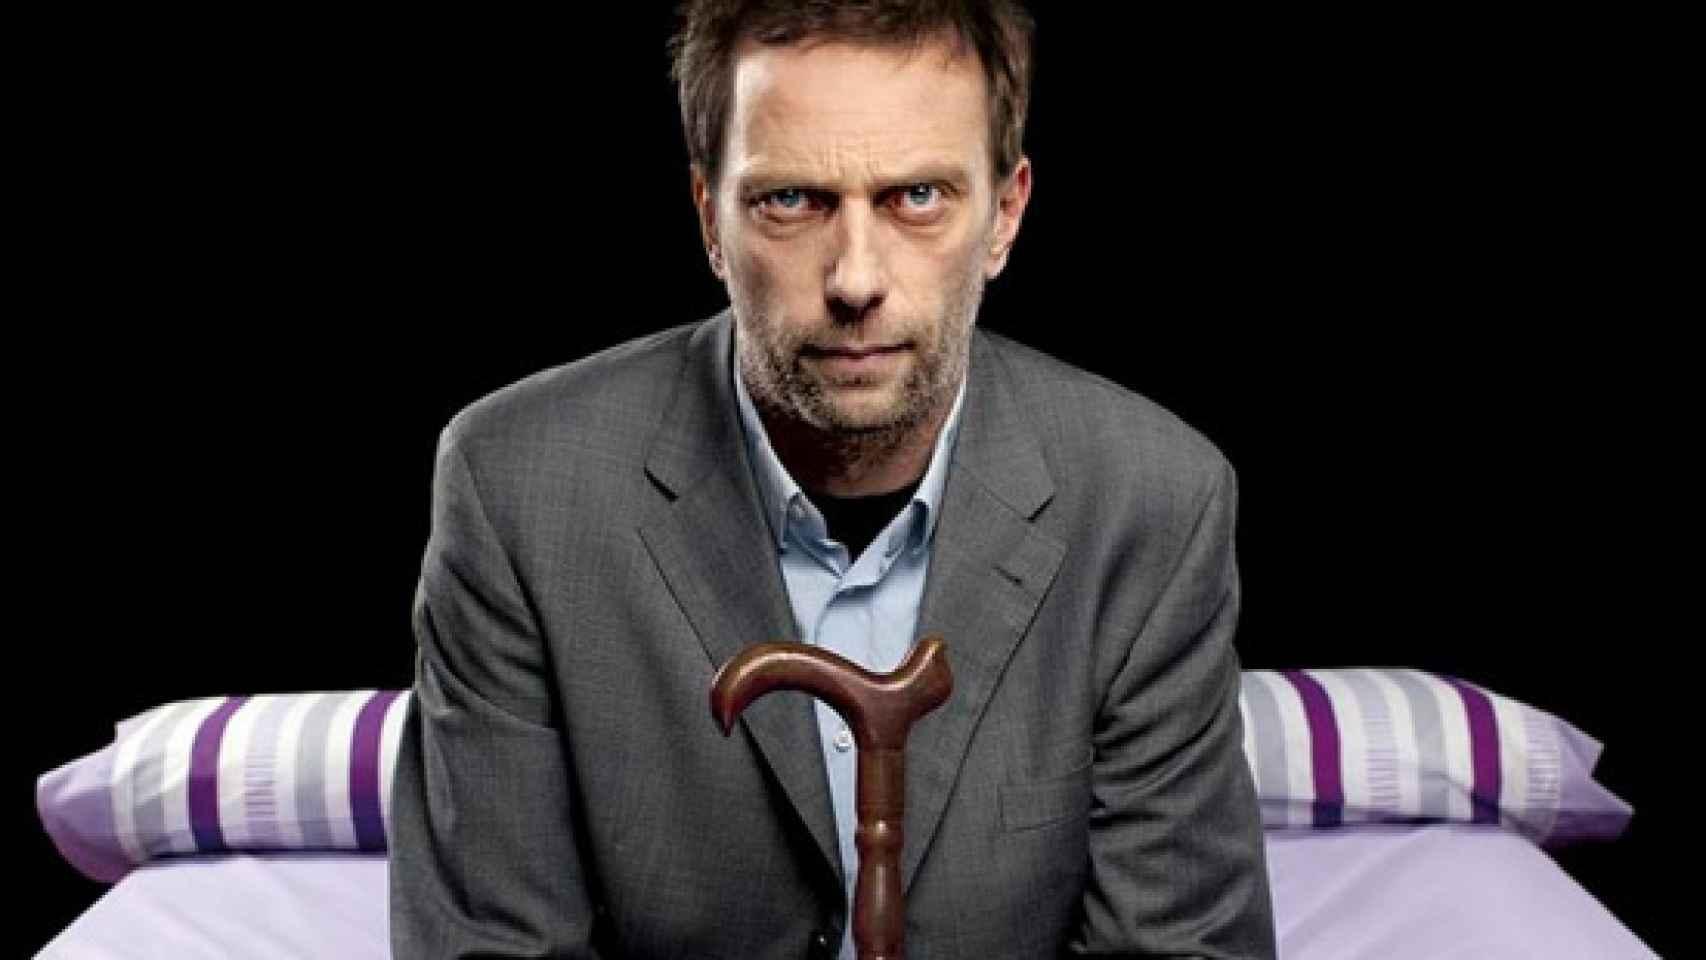 El doble de House es casi idéntico al actor Hugh Laurie